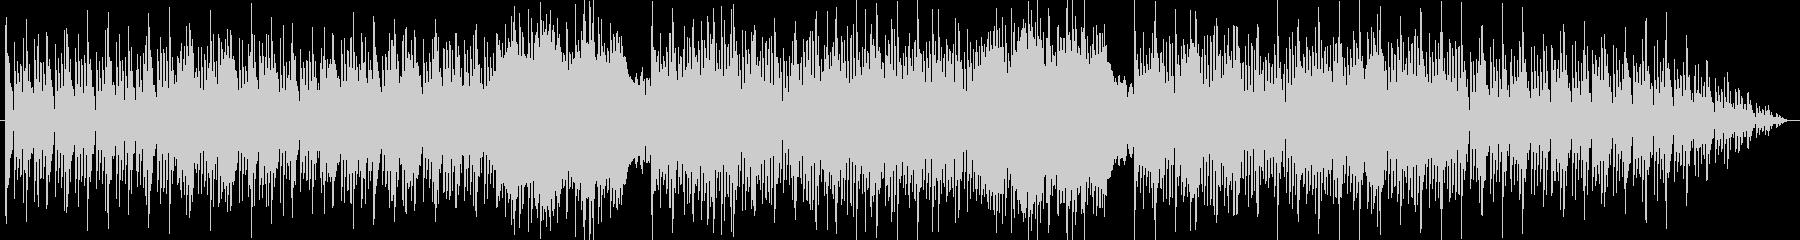 Violin,Piano/ほのぼのBGMの未再生の波形